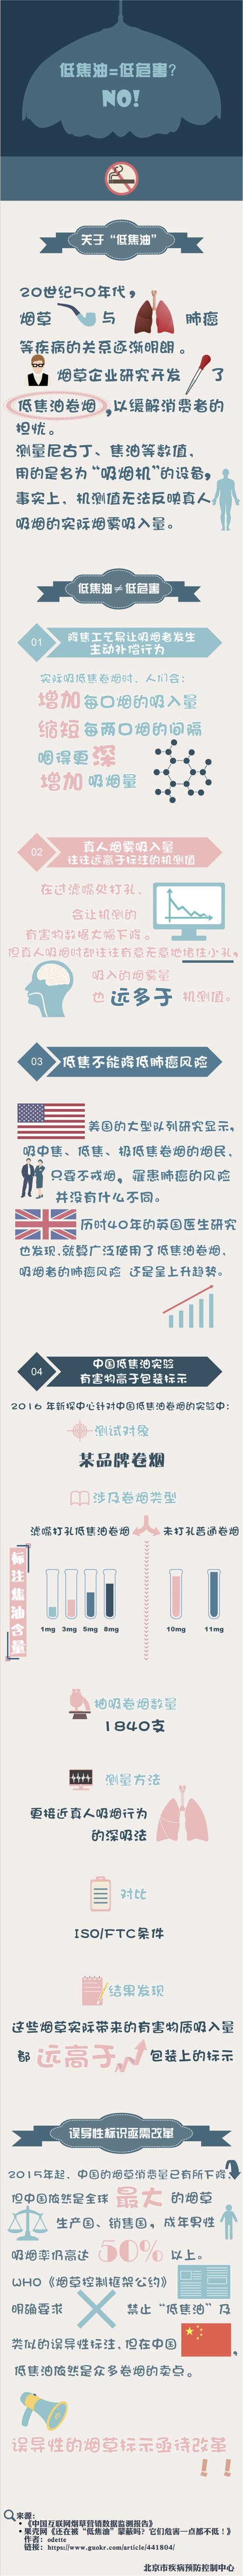 北京疾控中心:烟草网络营销瞄准青少年和女性